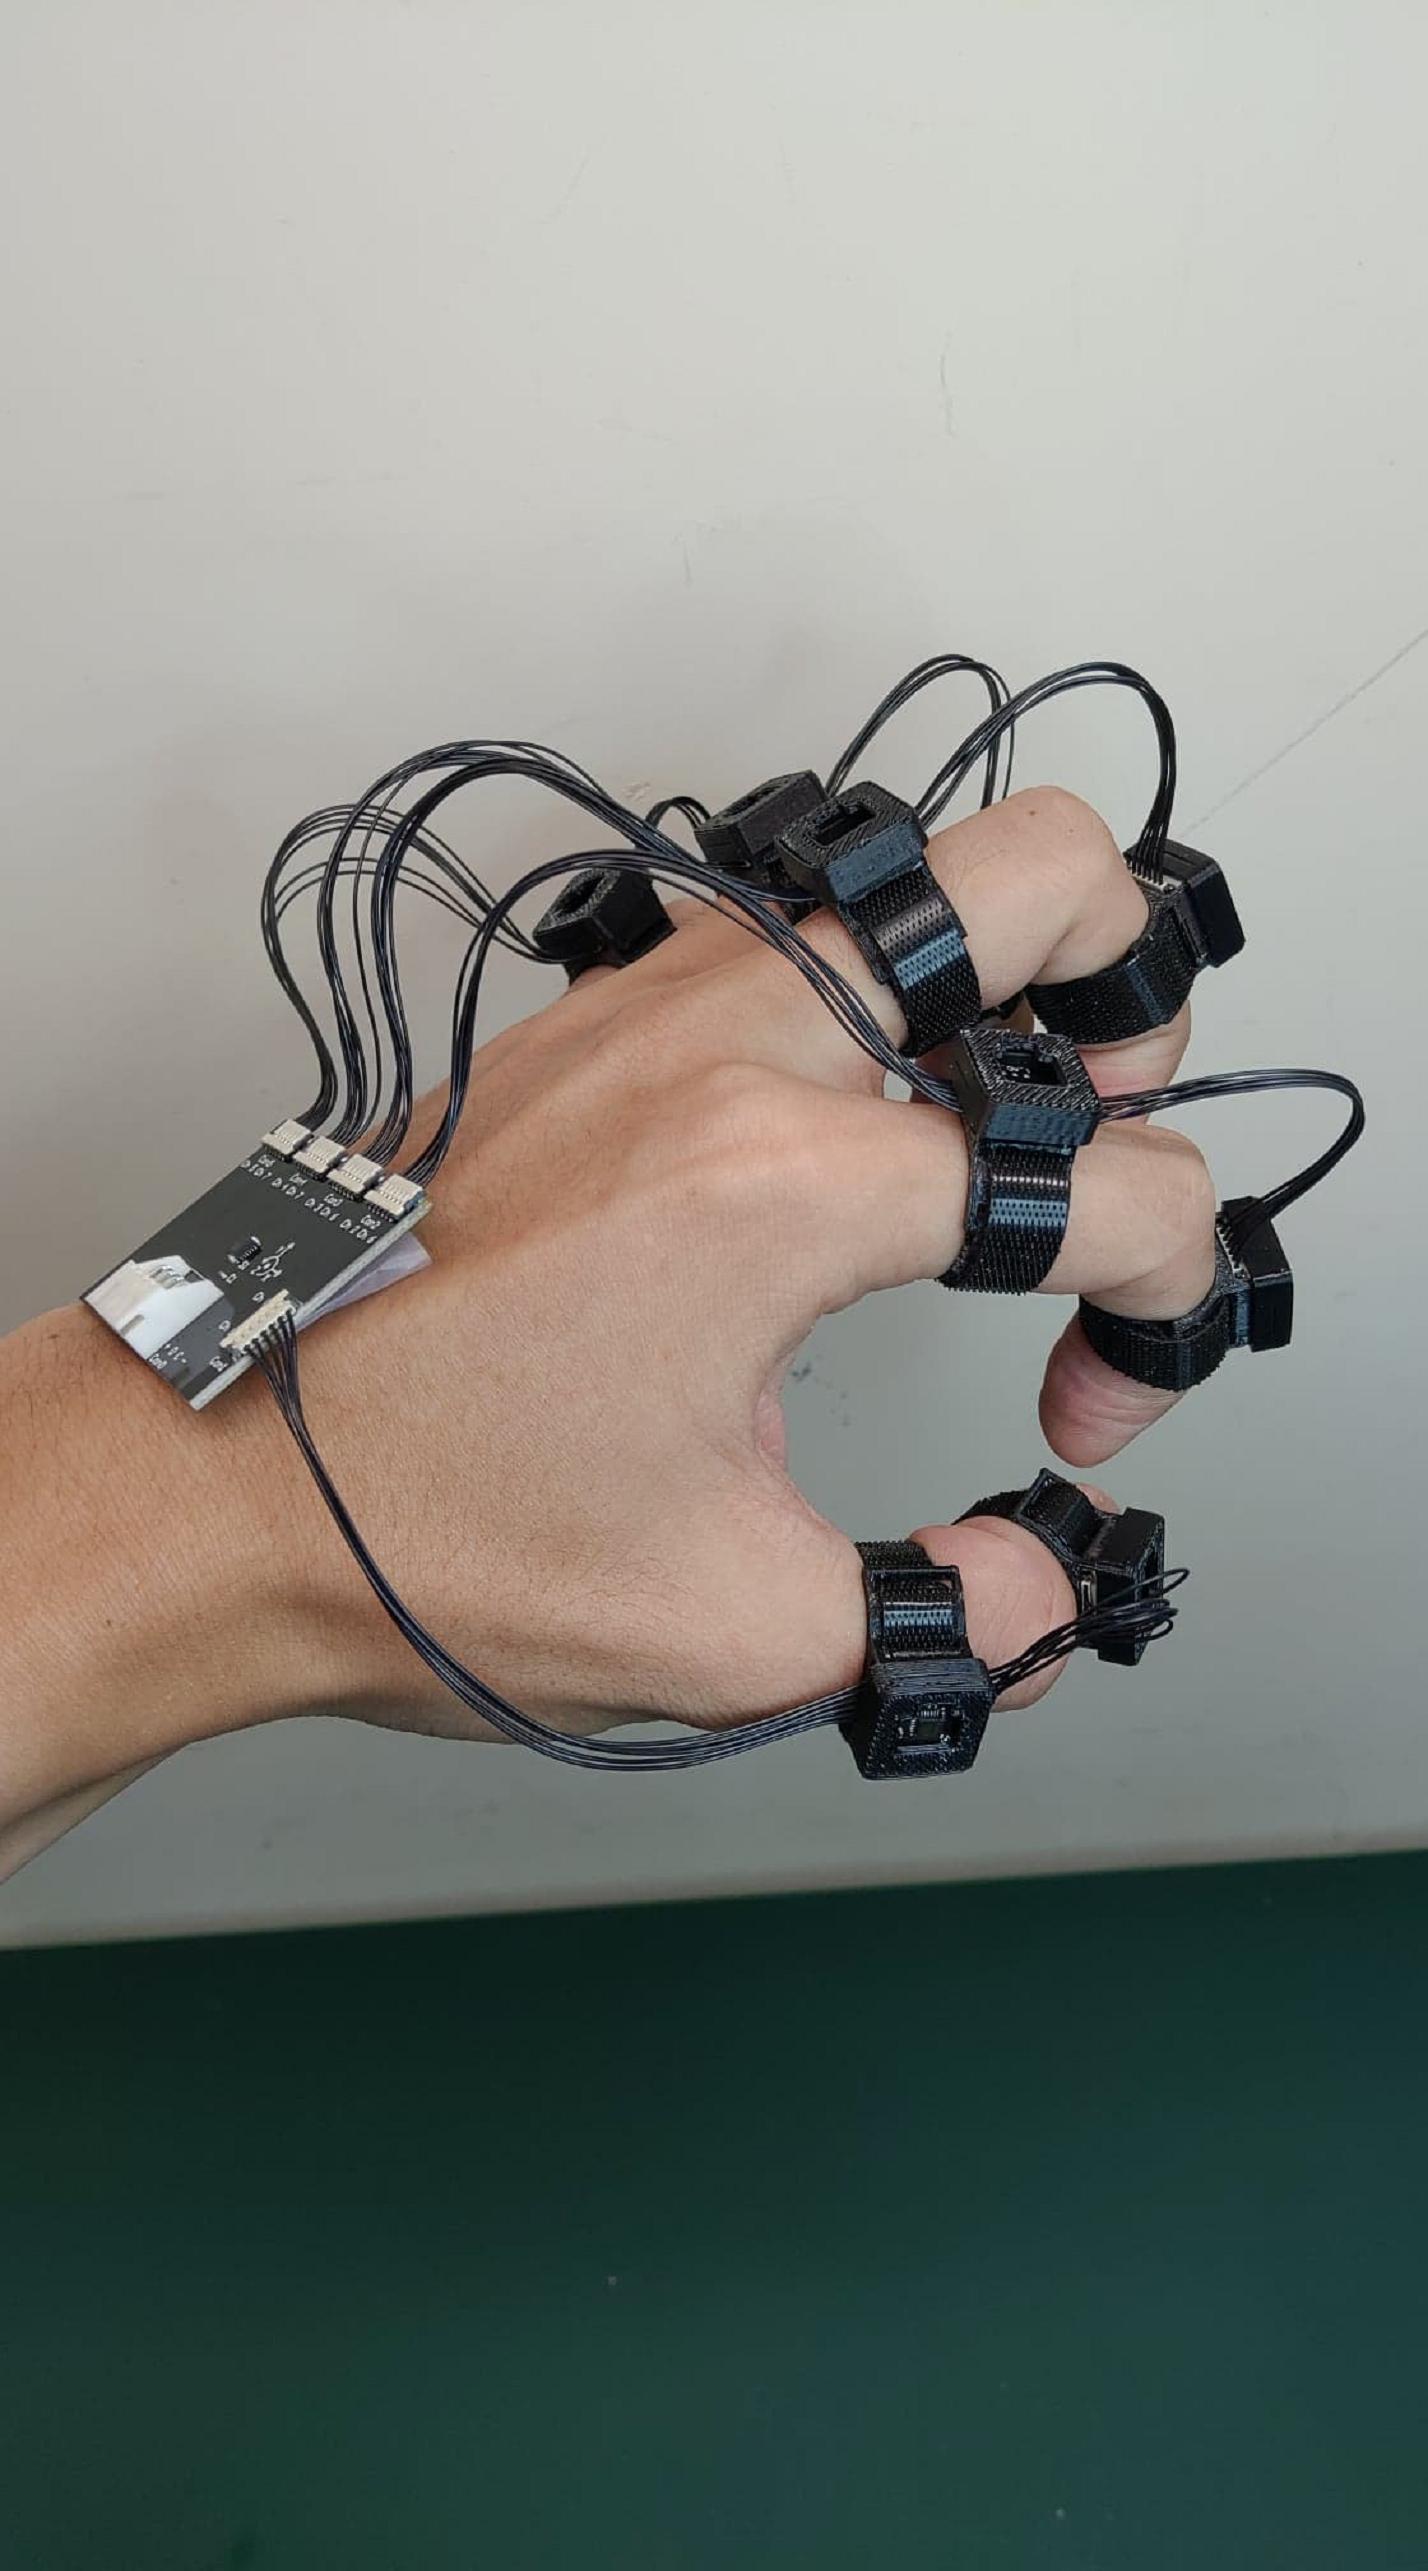 模組化版本手部 姿態感測裝置